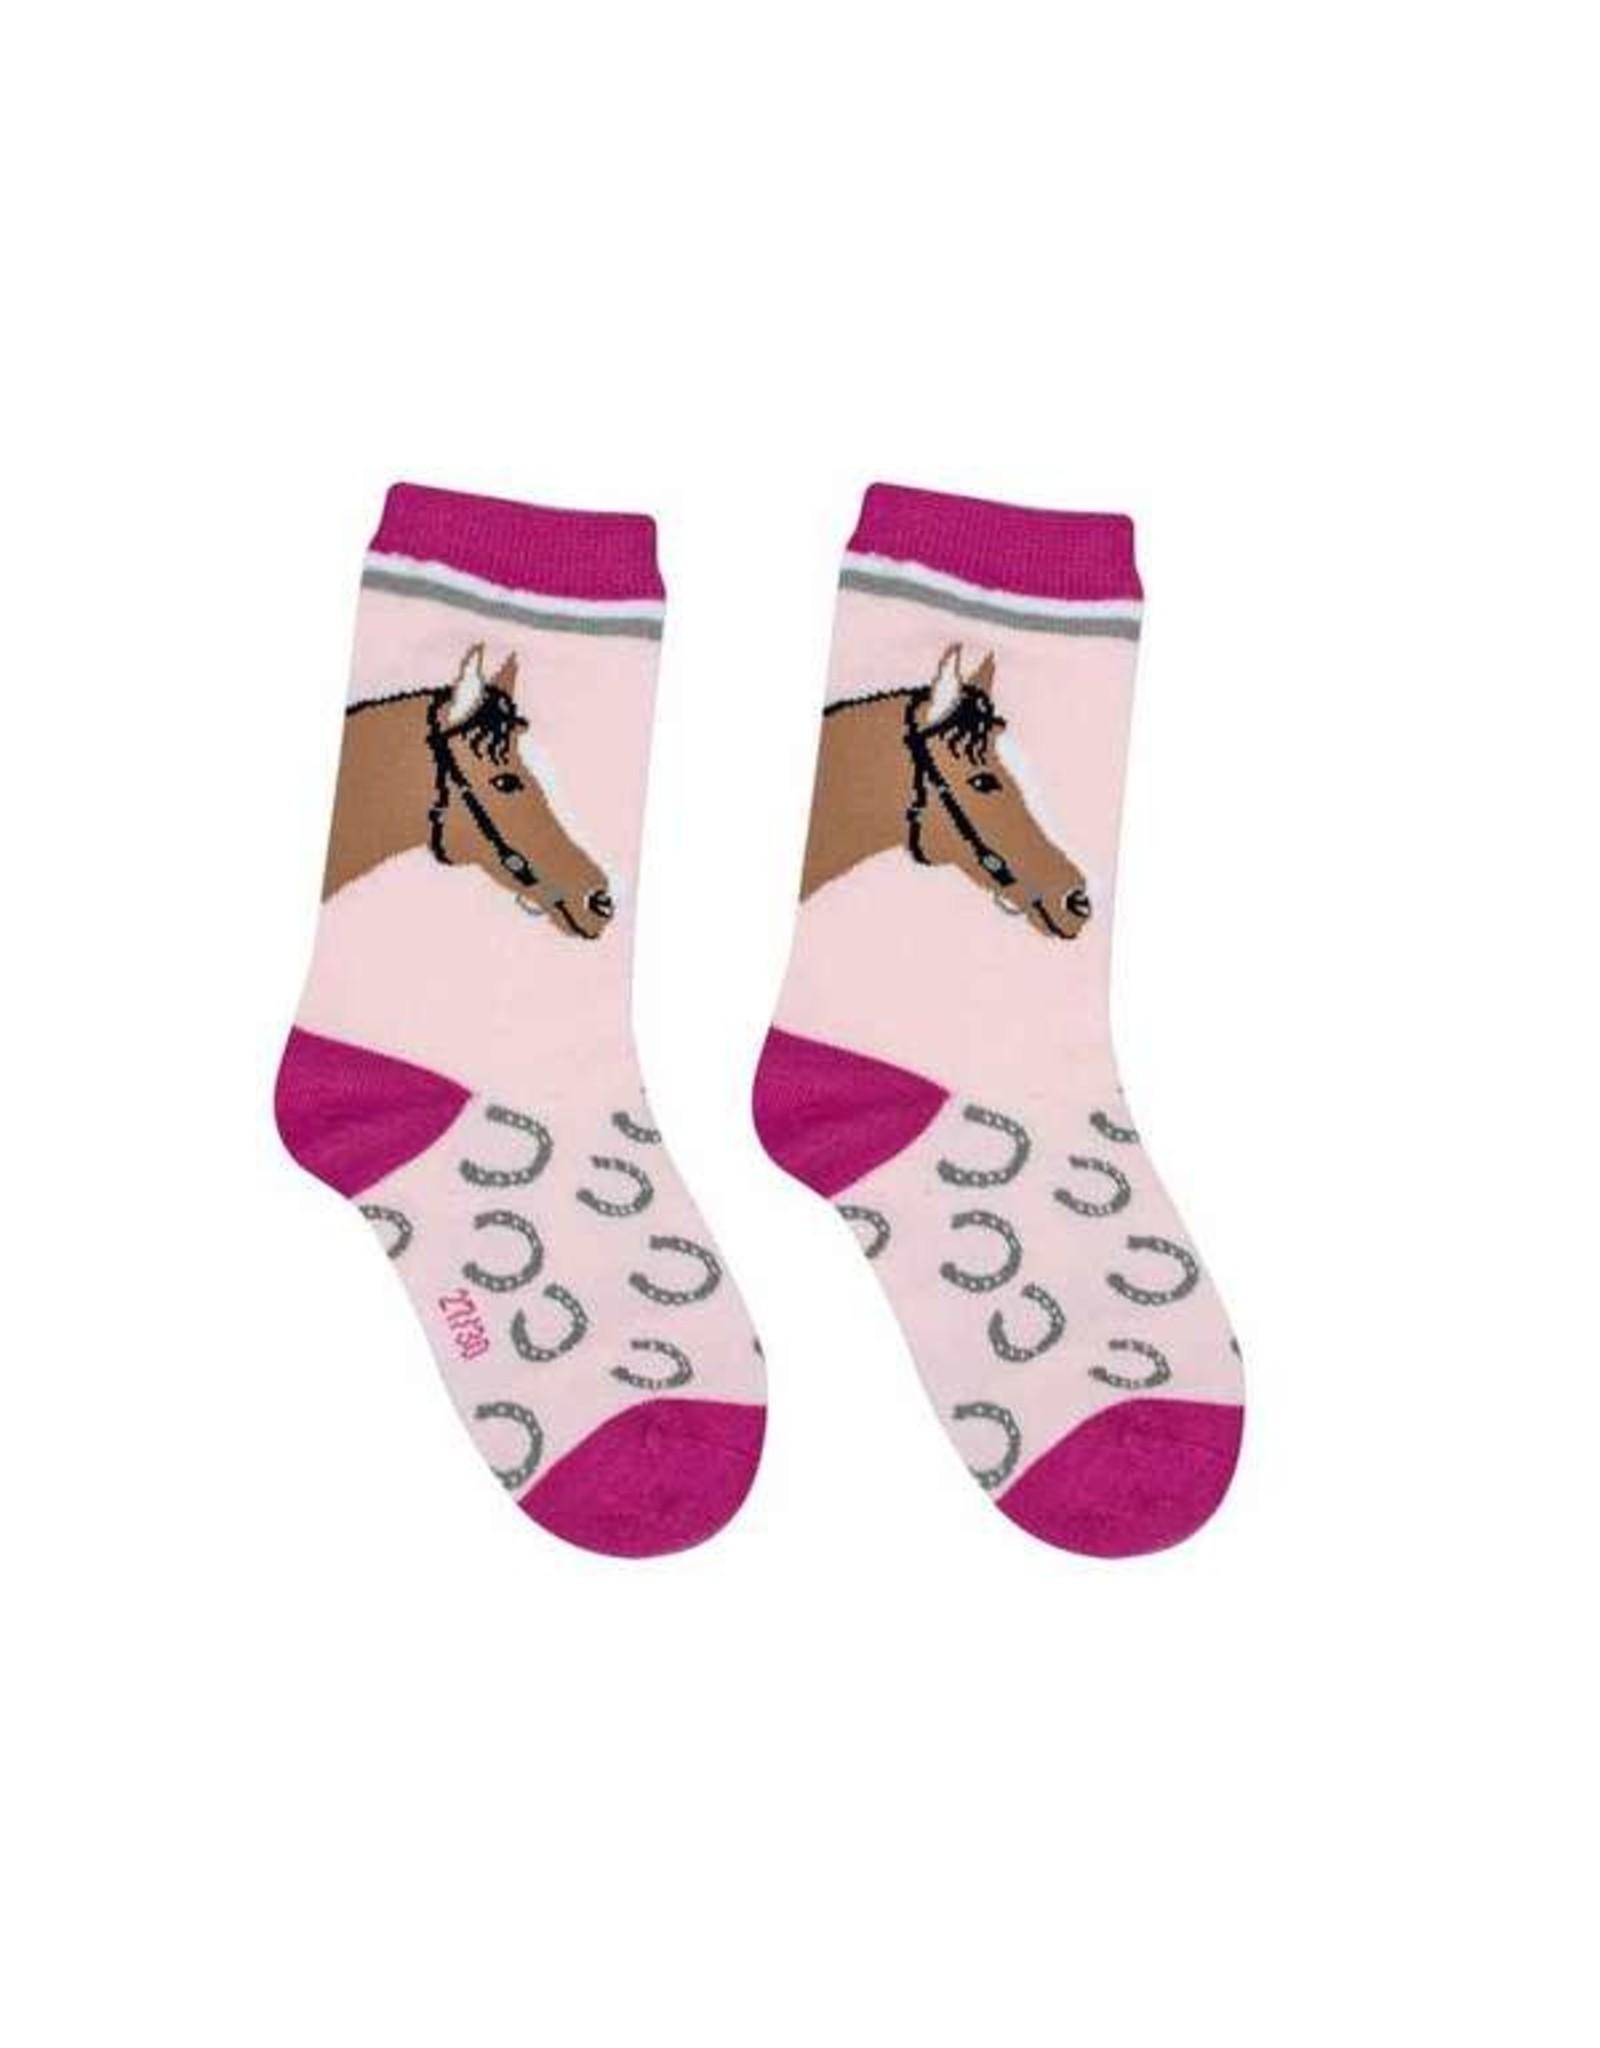 BB BB Sweety Socks Paard roos 27/30